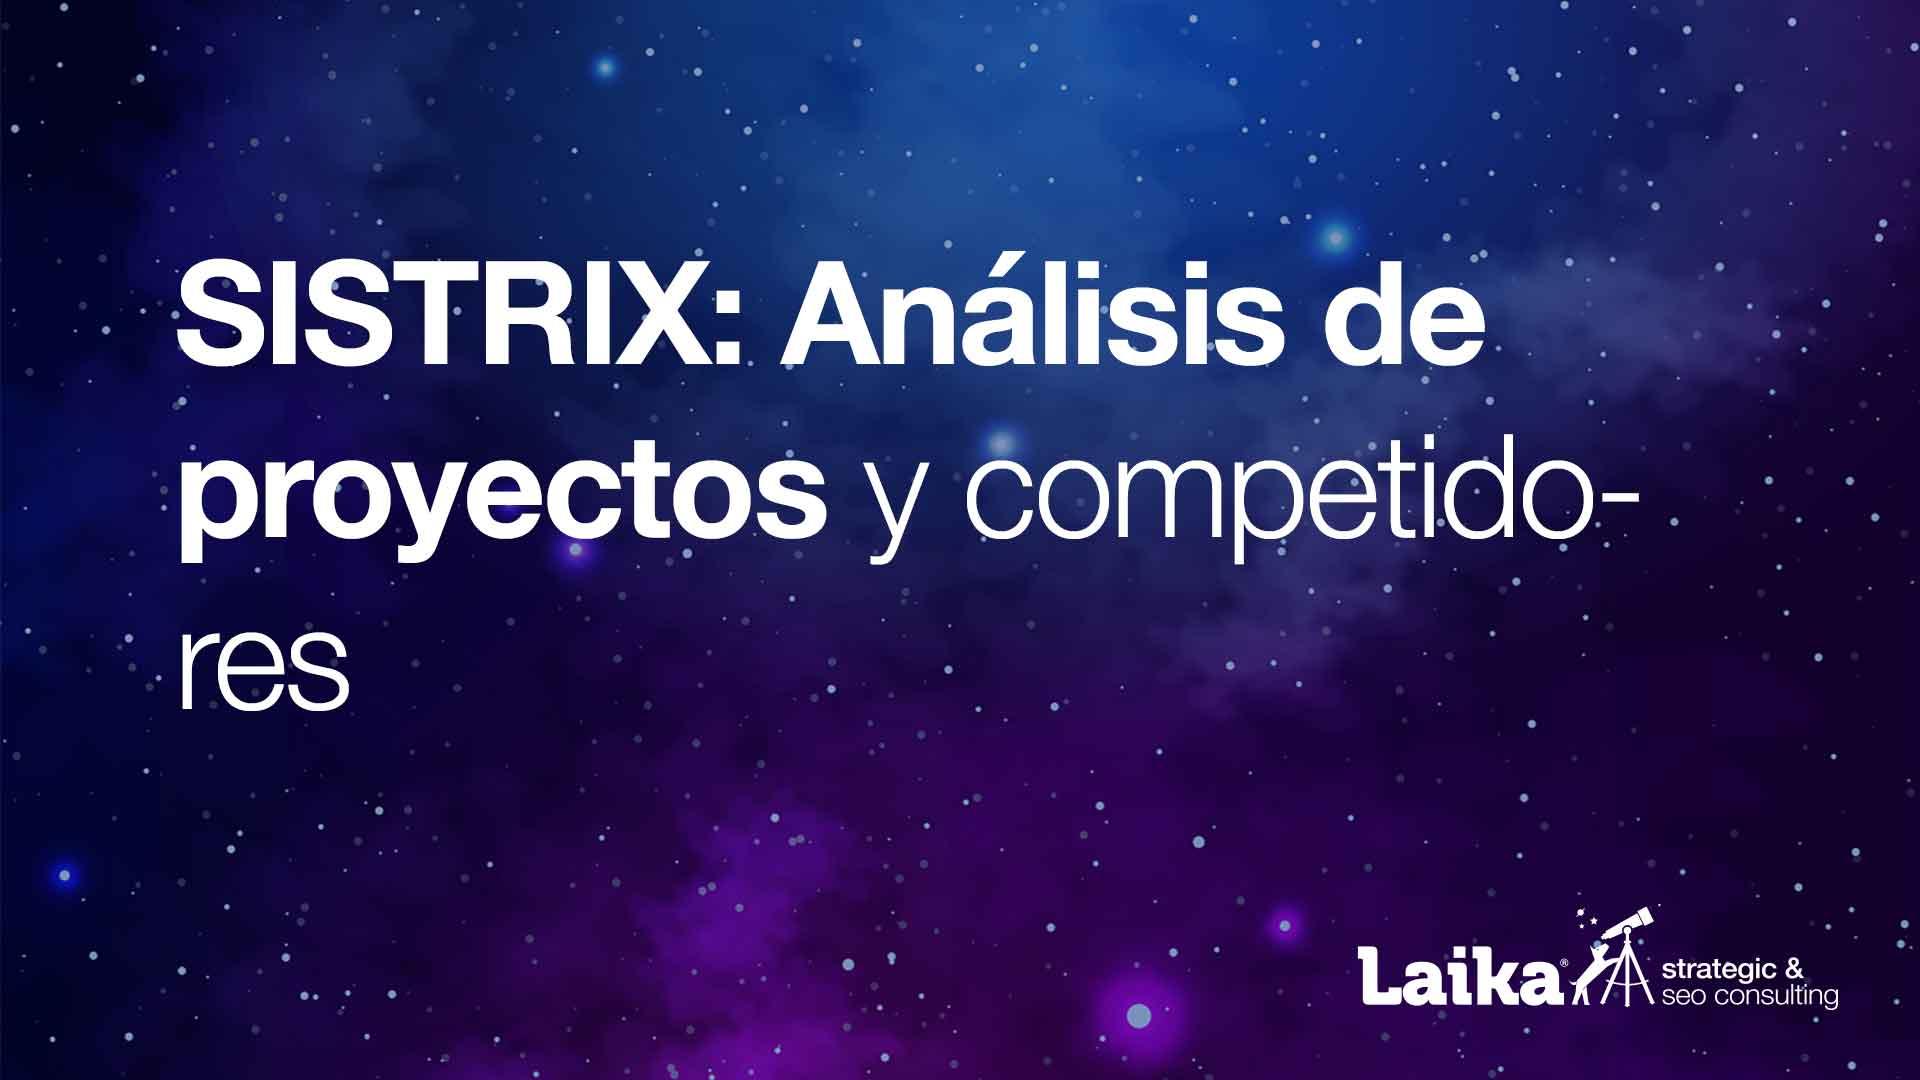 Sistrix: Análisis de proyectos y competidores